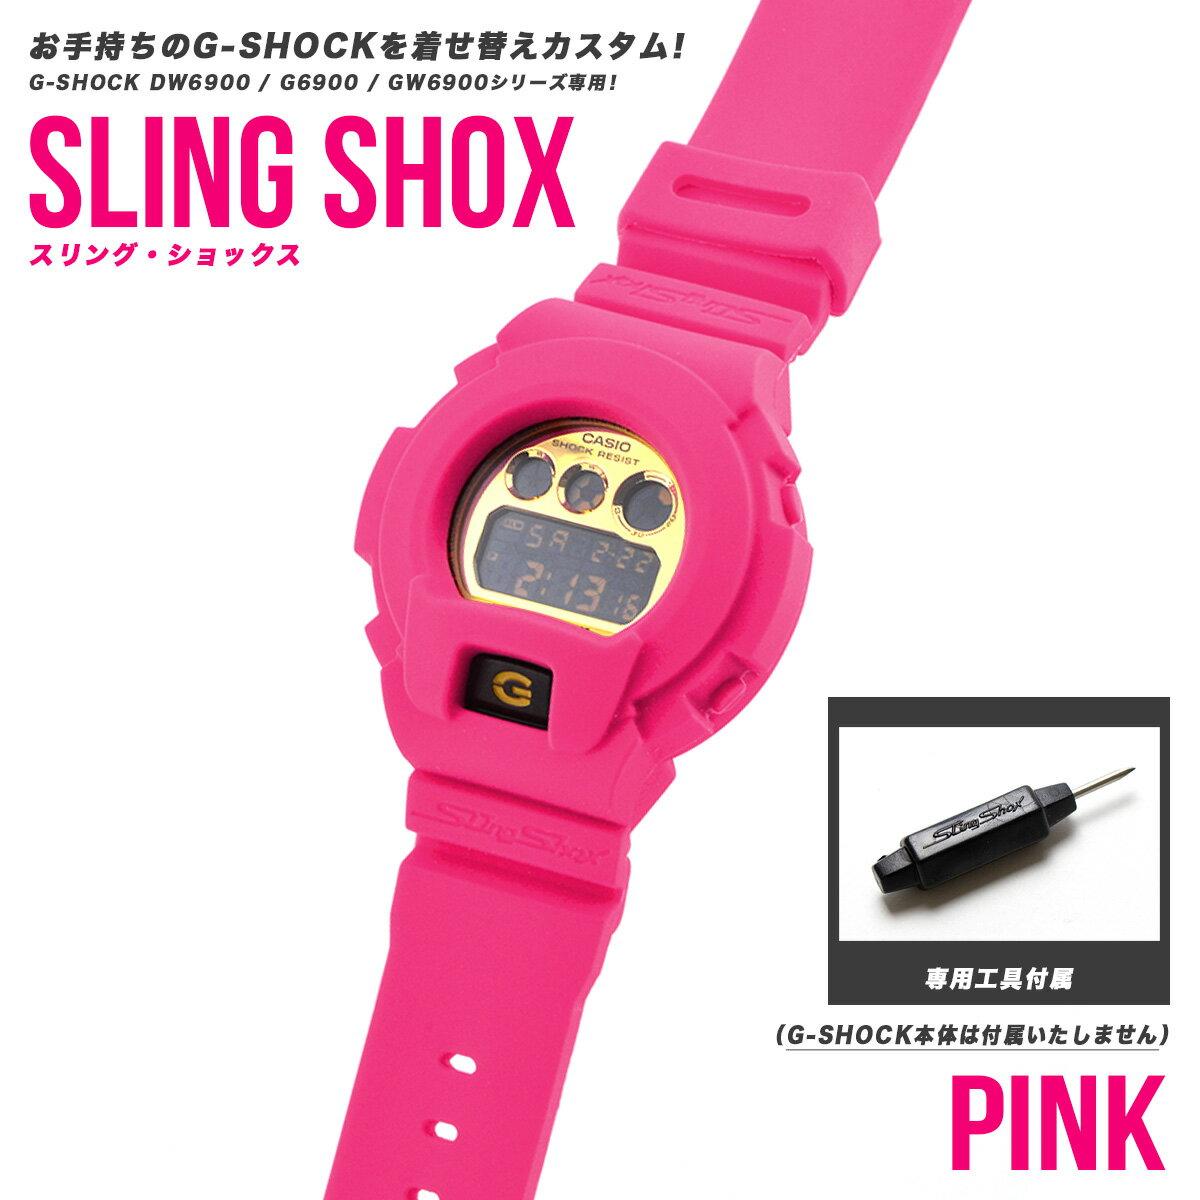 腕時計, メンズ腕時計 G-SHOCK SLING SHOX G-shock DW6900 DW-6900 G6900 G-6900 GW6900 GW-6900 pink gshock g G